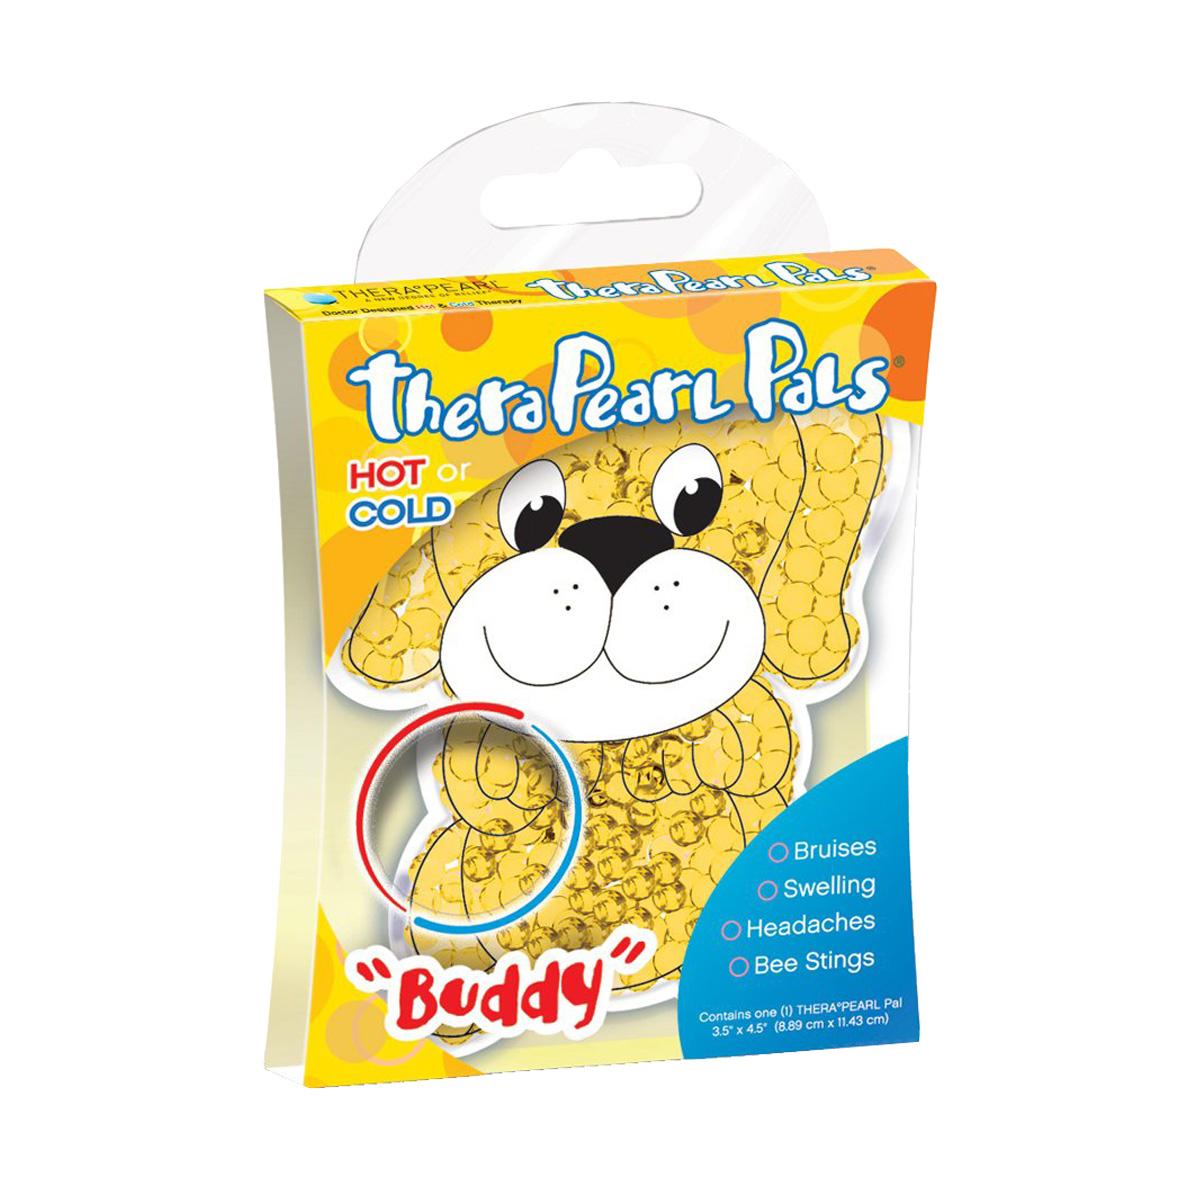 TheraPearl Kids Pejsek chladivý/hřejivý obklad pro děti